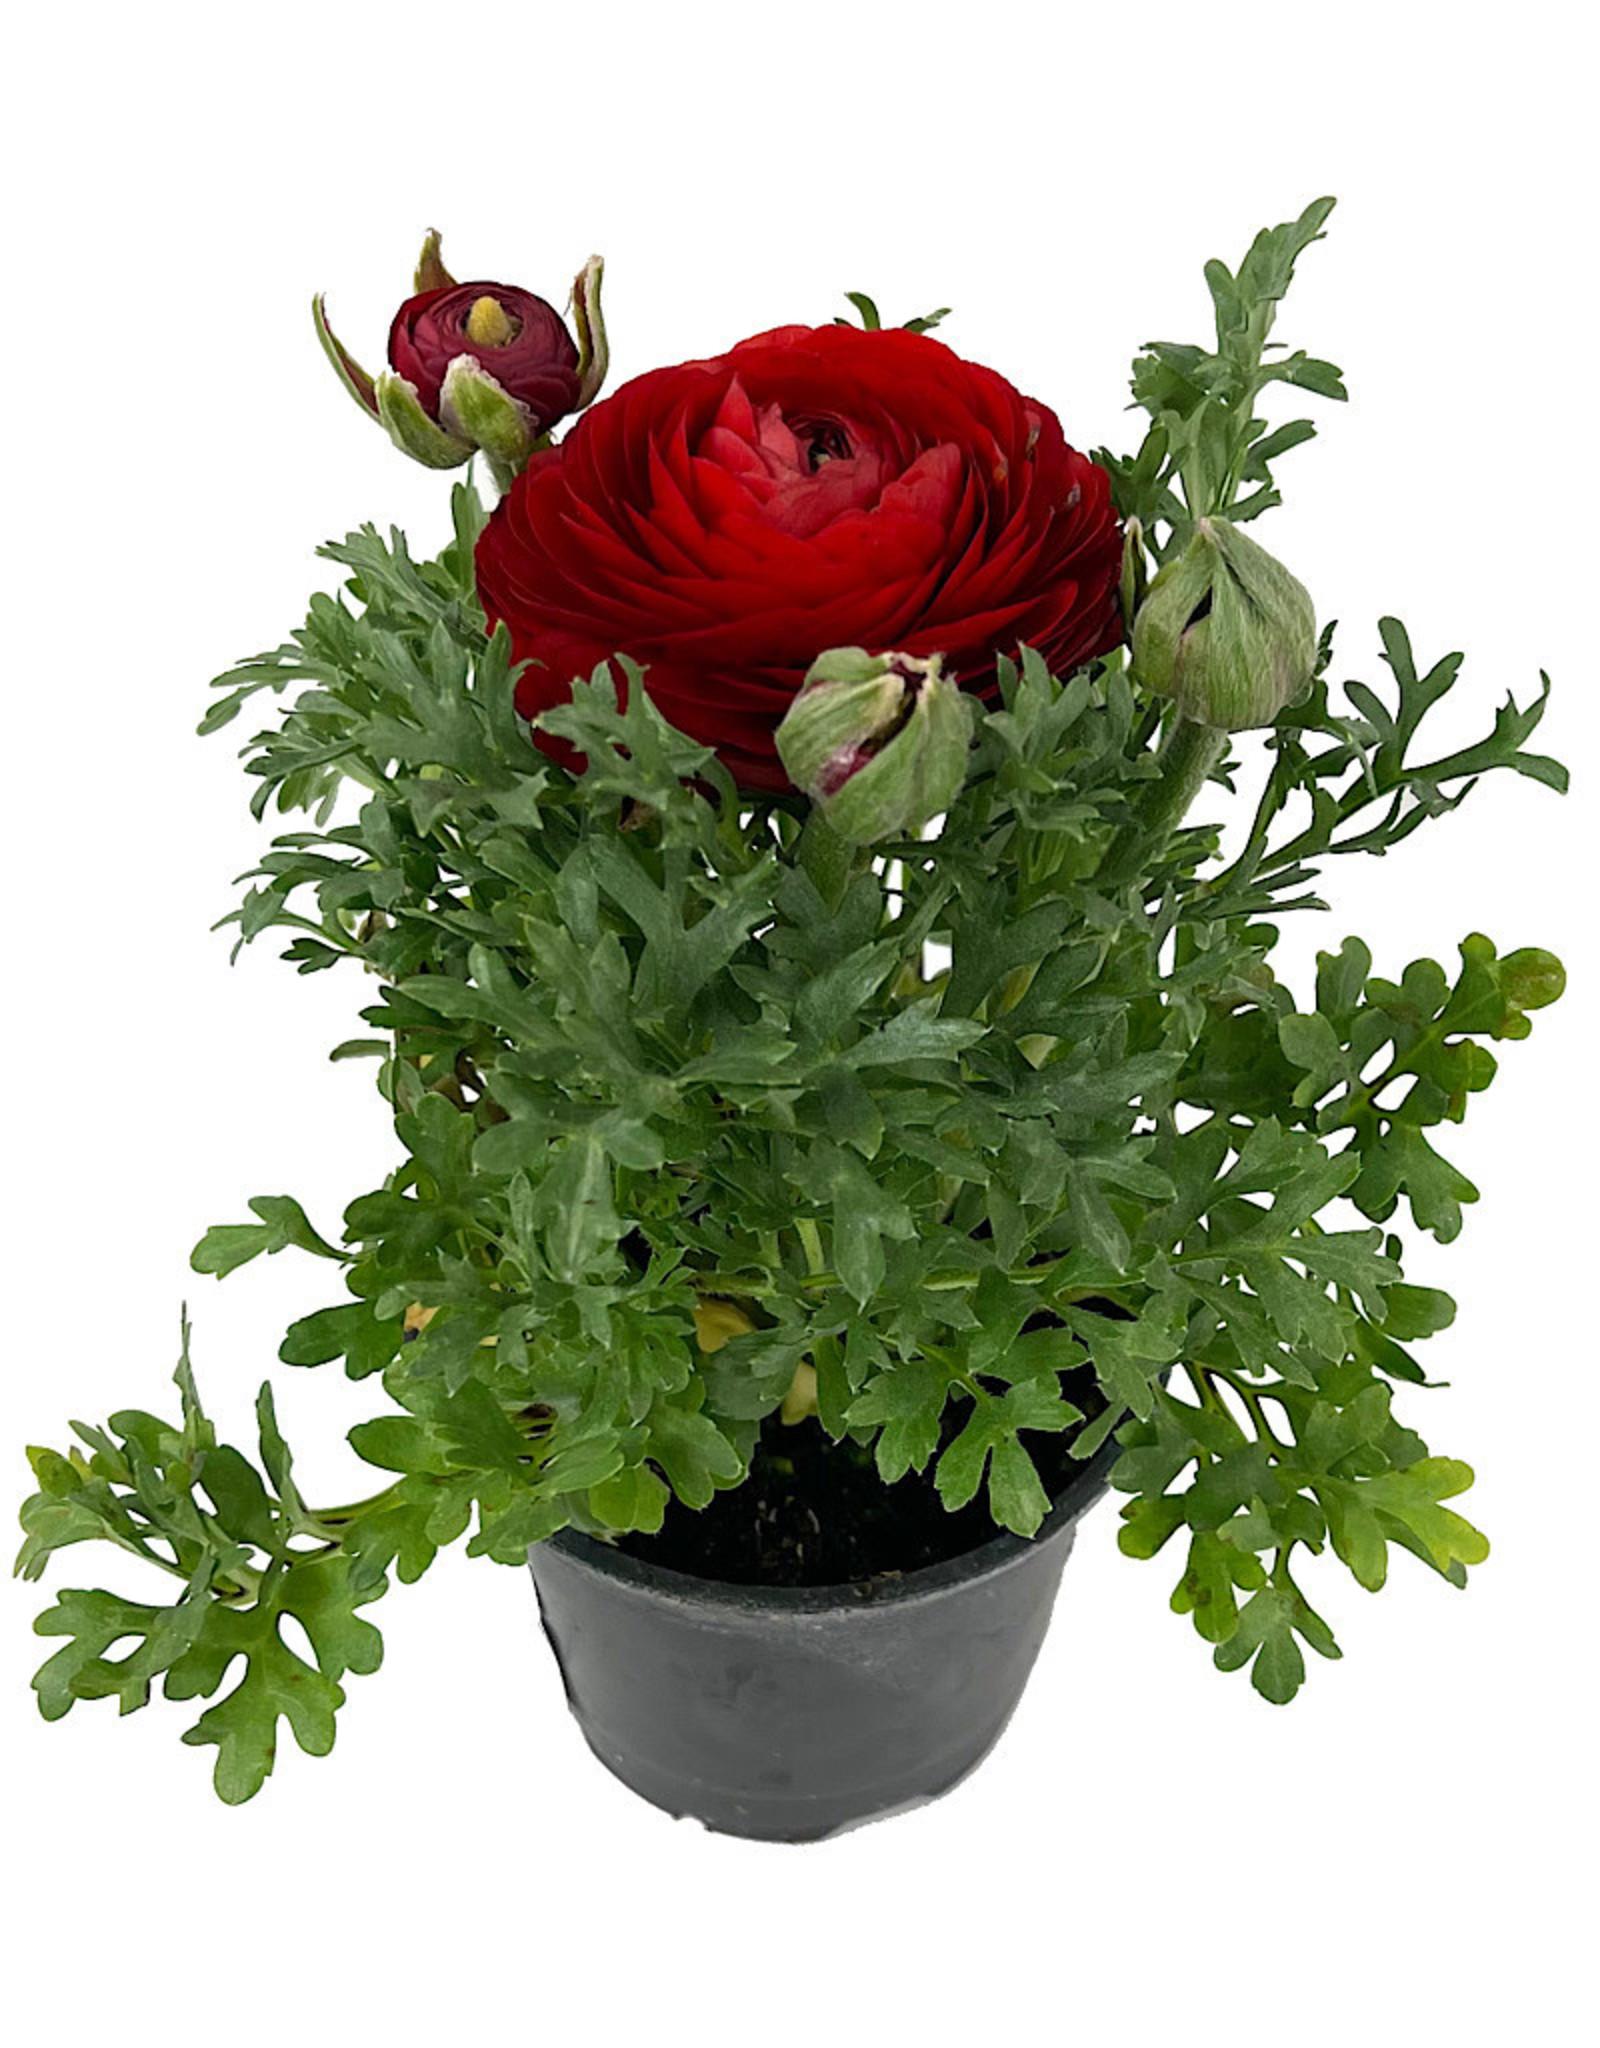 Ranunculus 'Sprinkles Red' 4 Inch